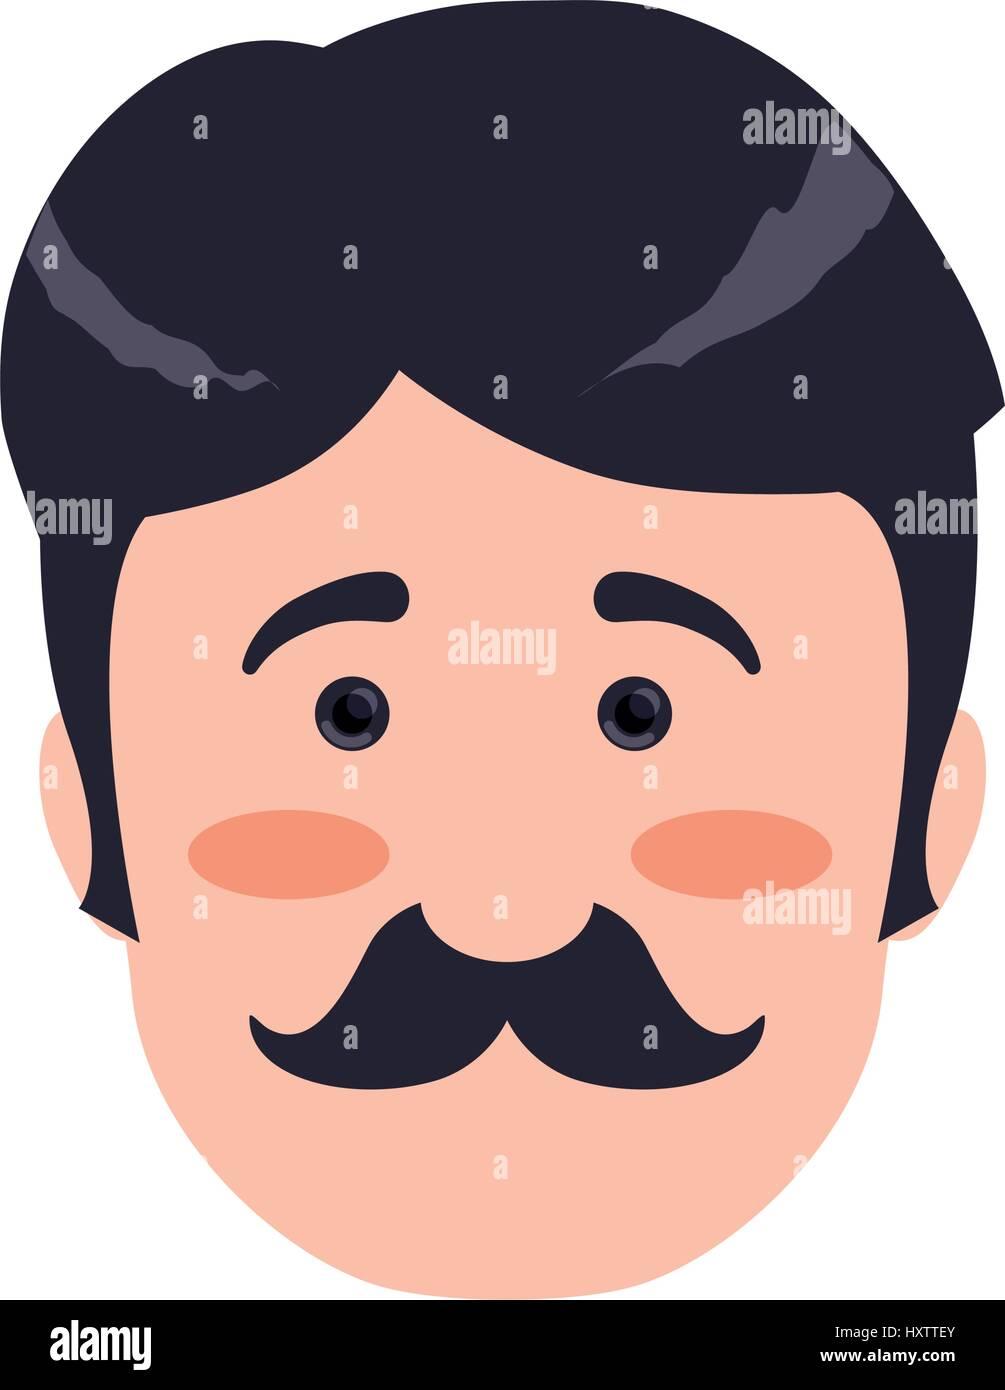 Man face cartoon - Stock Vector